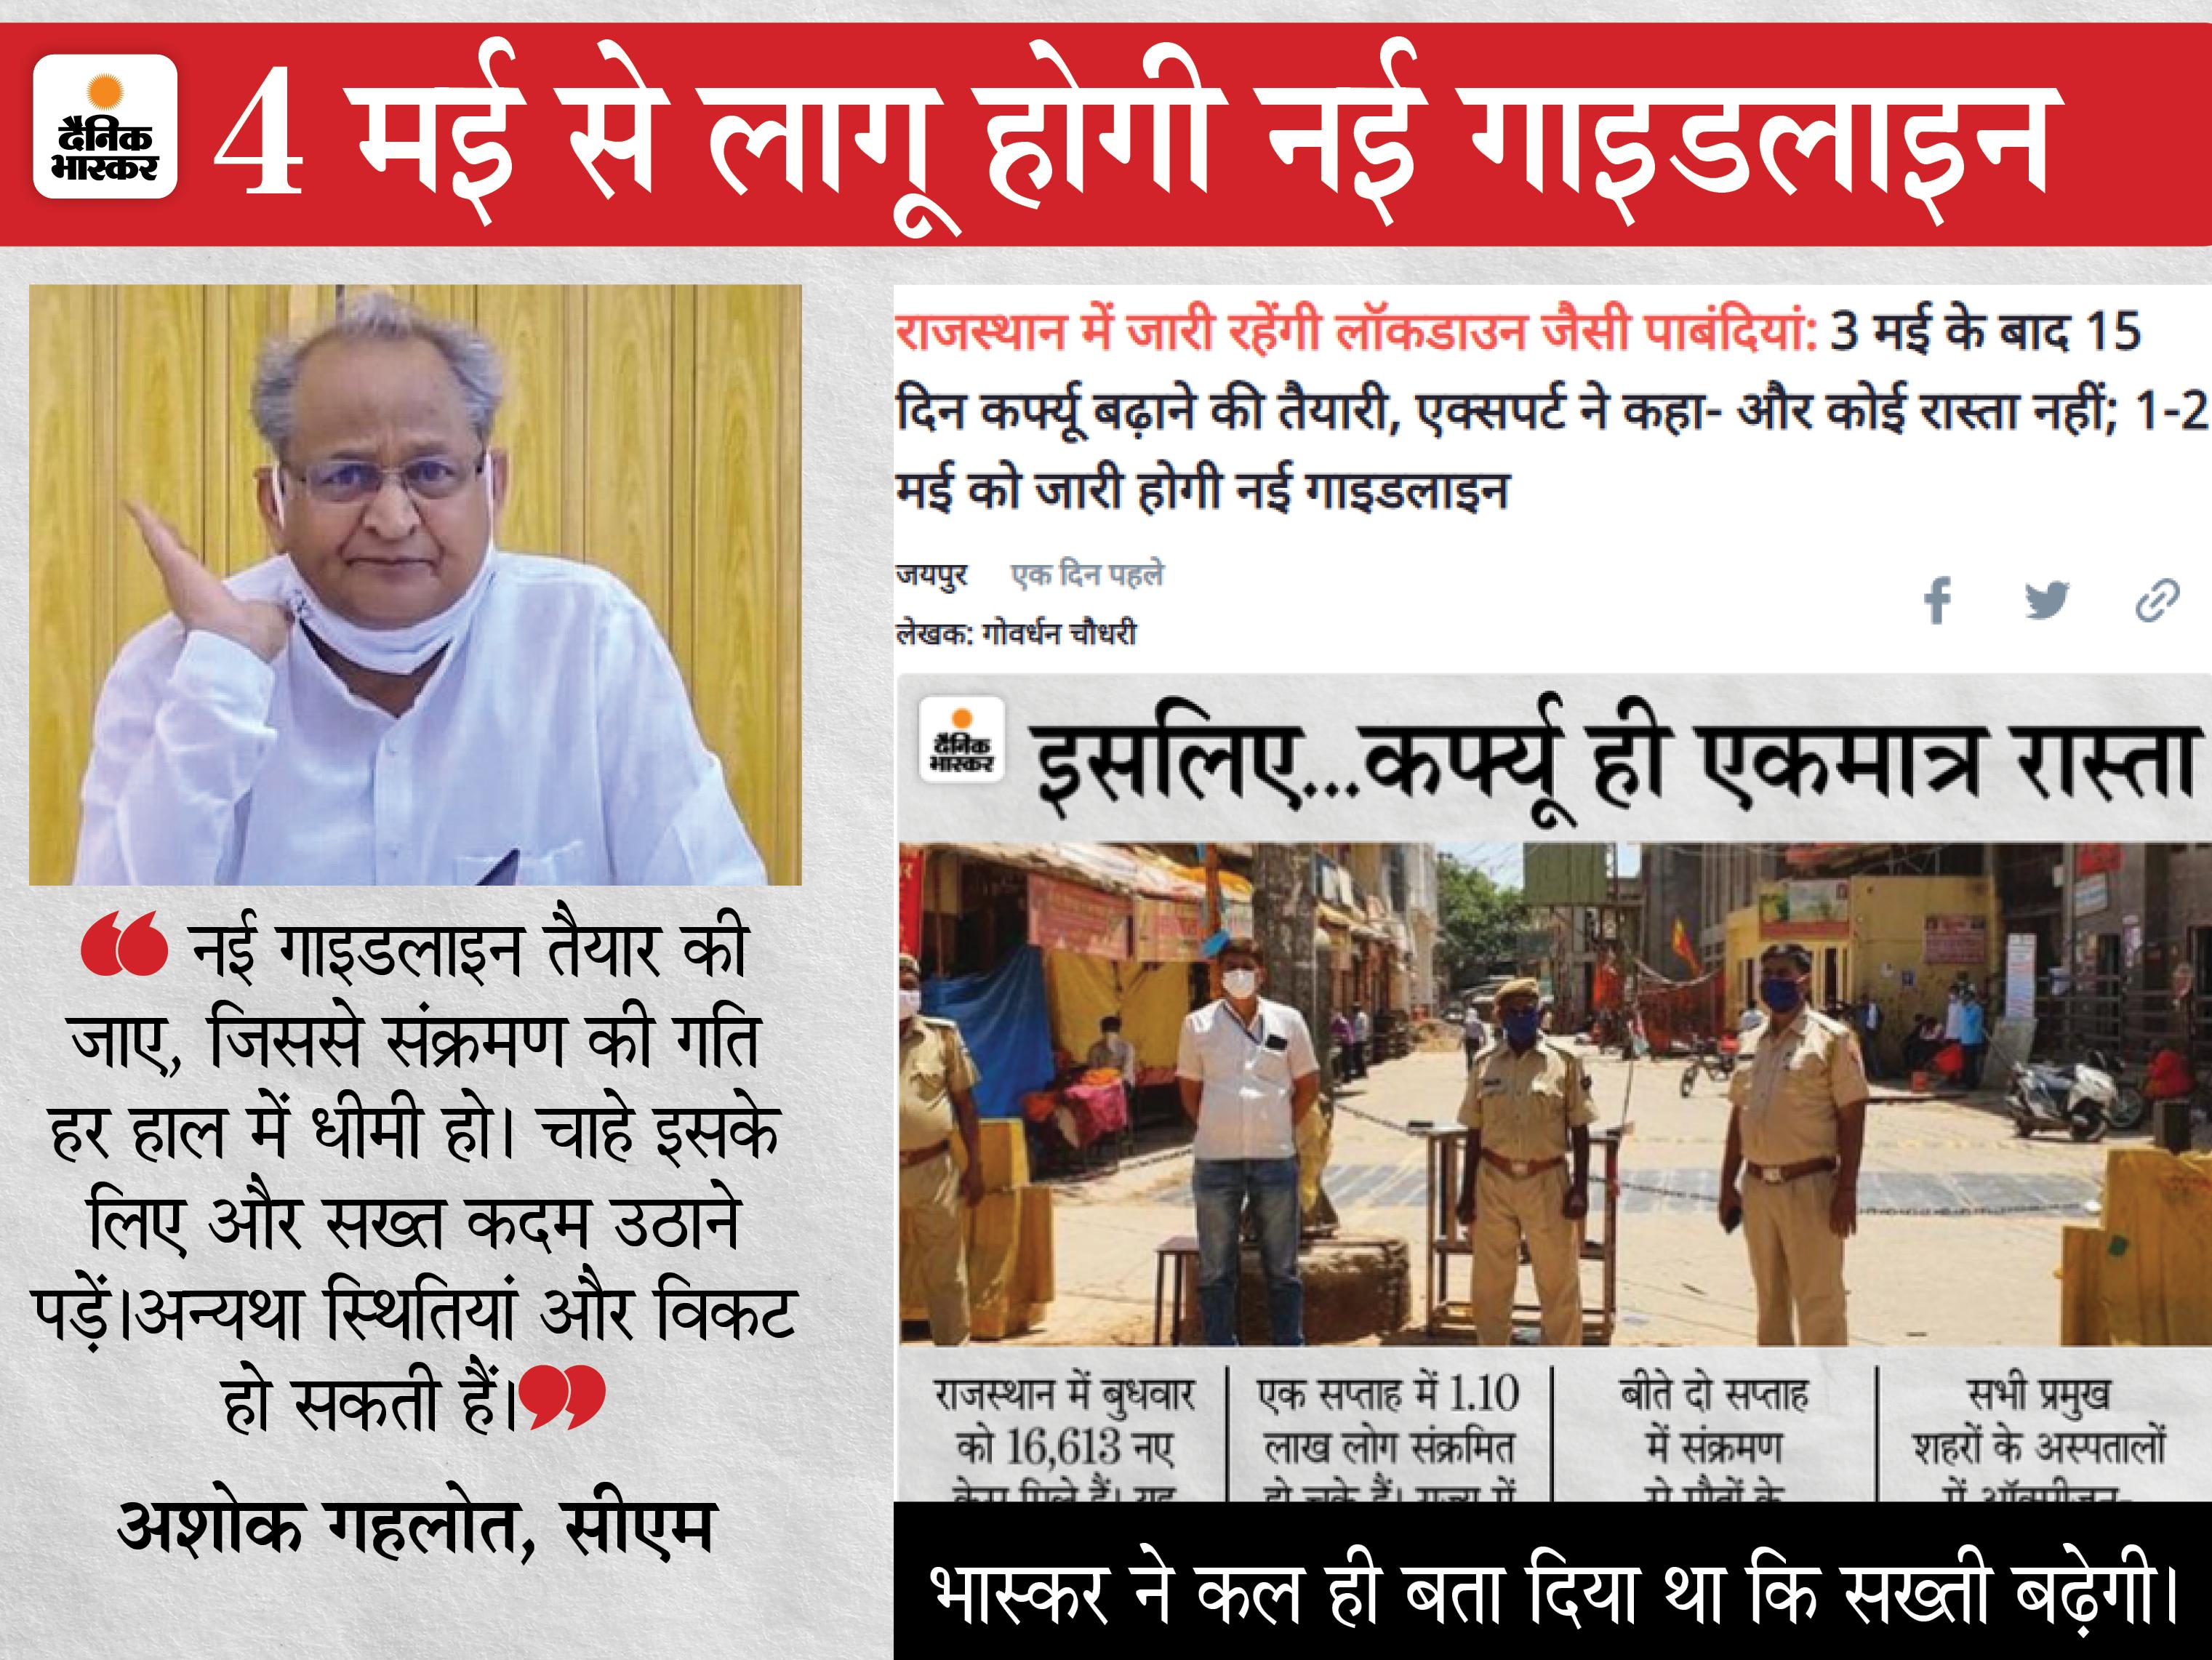 CM गहलोत बोले- संक्रमण रोकने के लिए कर्फ्यू आगे भी लागू रखें, गाइडलाइन और सख्त बनाएं; 1-2 दिन में ऐलान होगा|जयपुर,Jaipur - Dainik Bhaskar